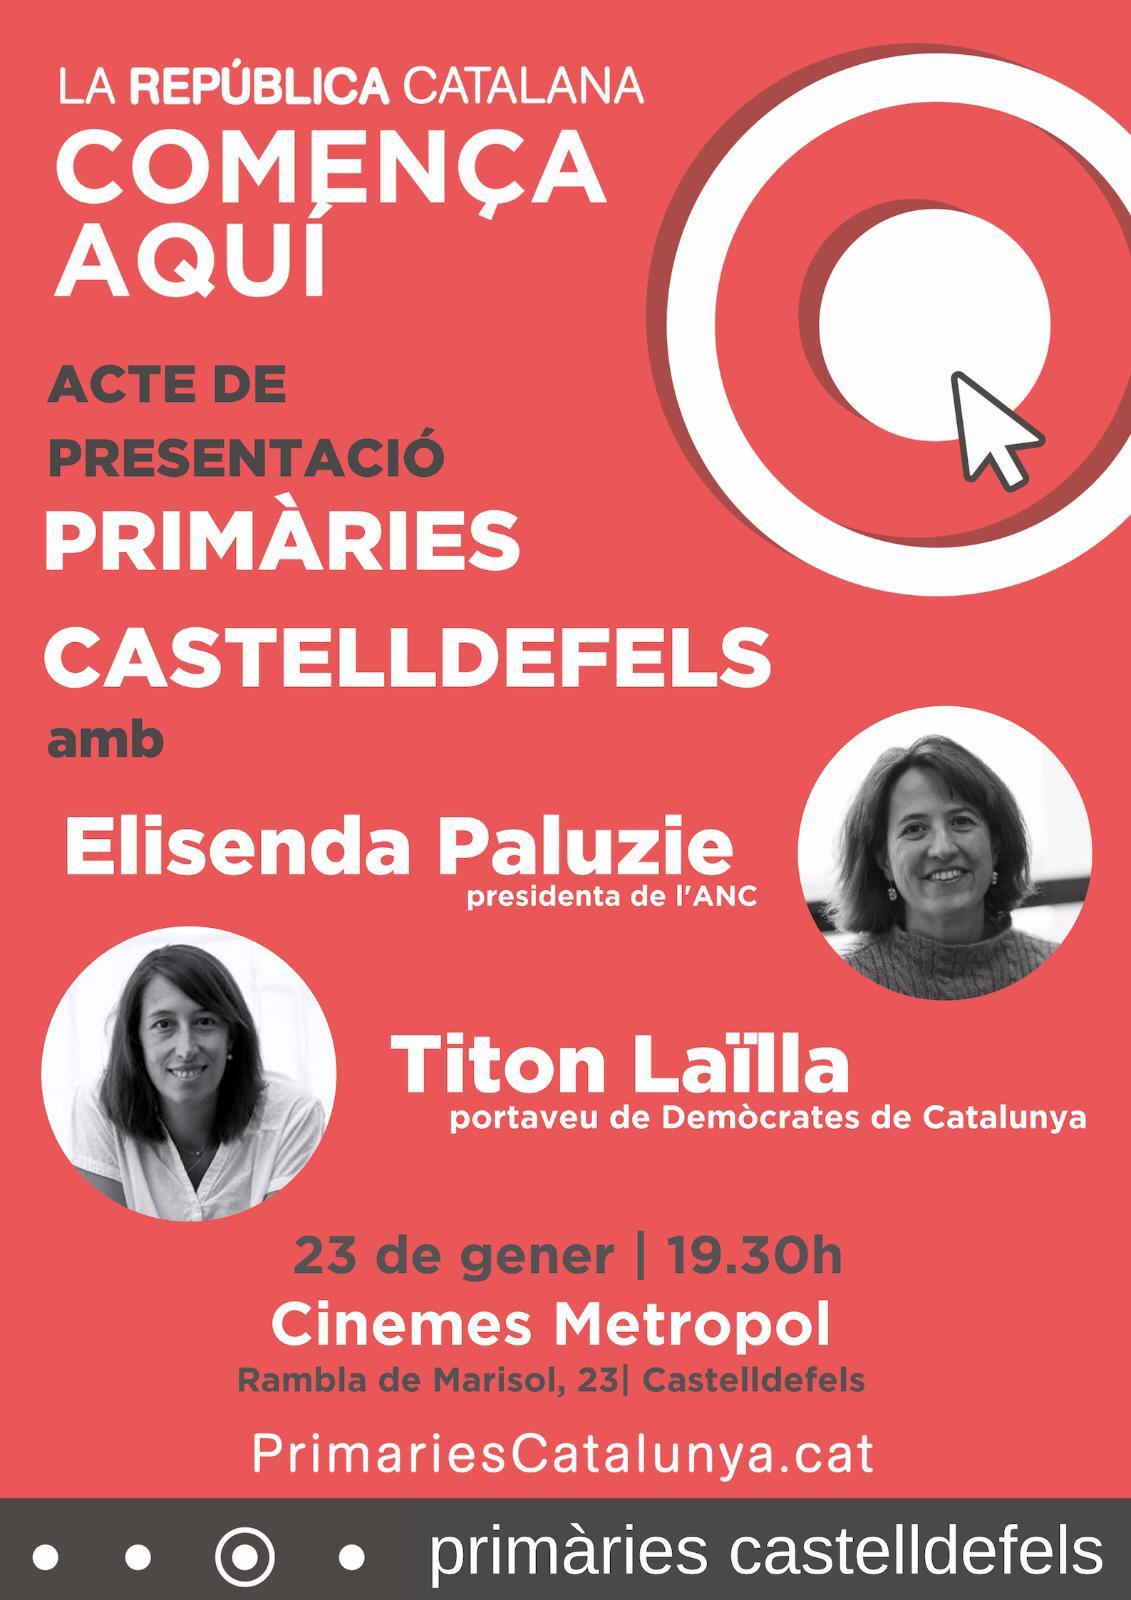 Acte de presentació Primàries Castelldefels